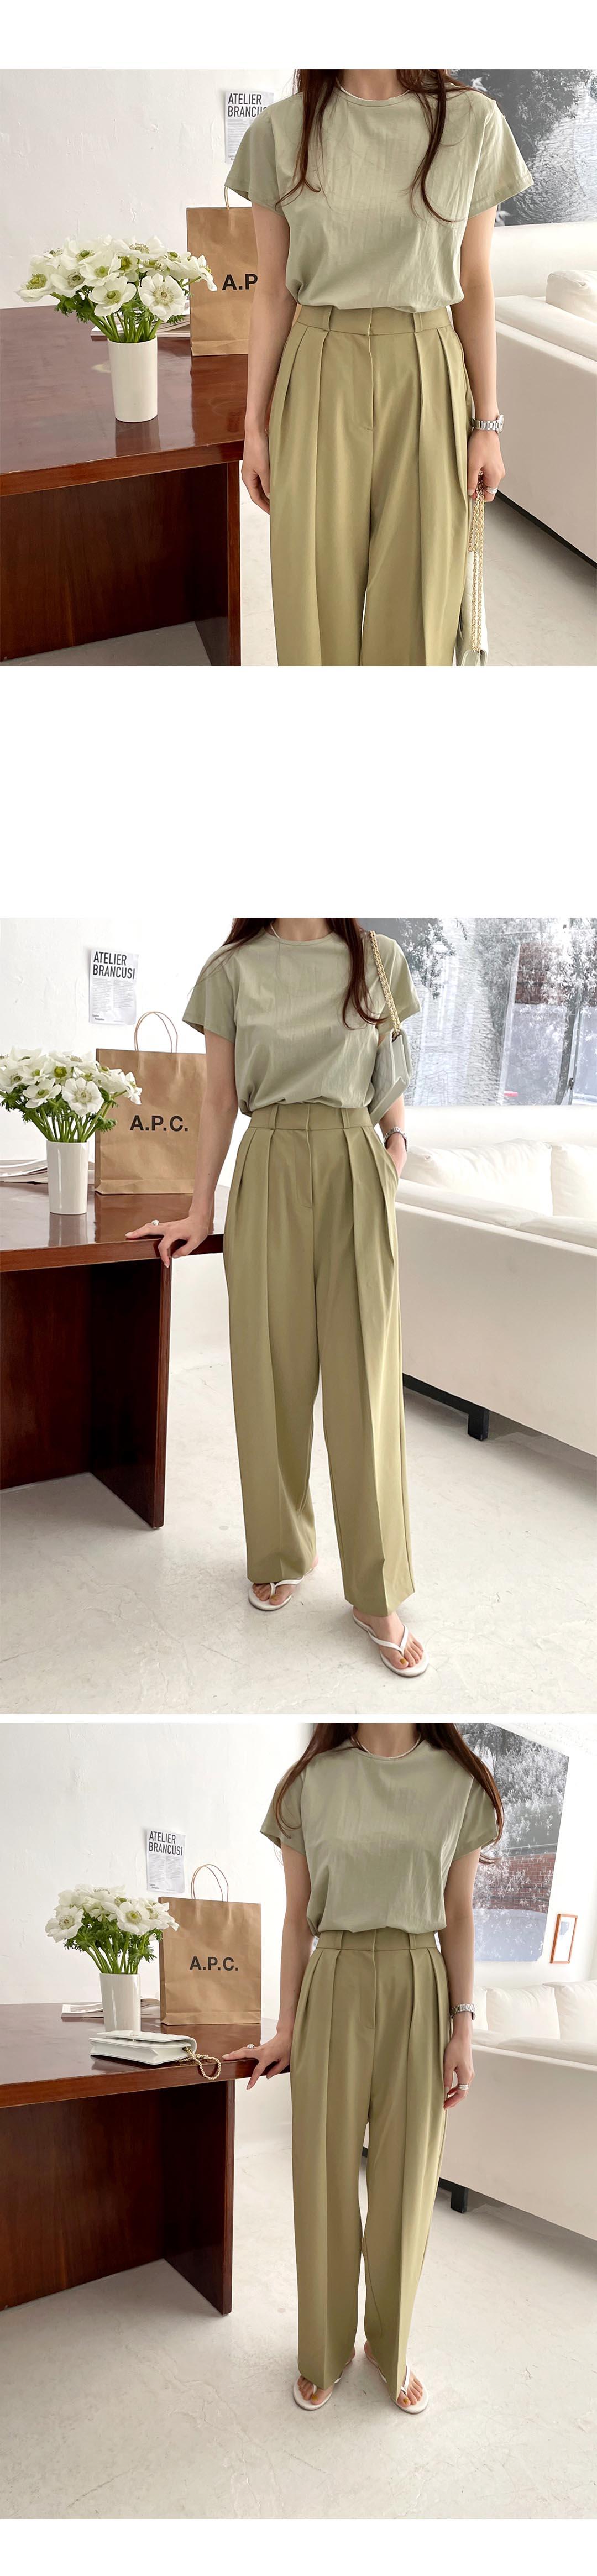 H882b34fc336e4a58872b29e13de1ef4el - Summer Korean High Waist Loose Folds Wide Leg Solid Suit Pants